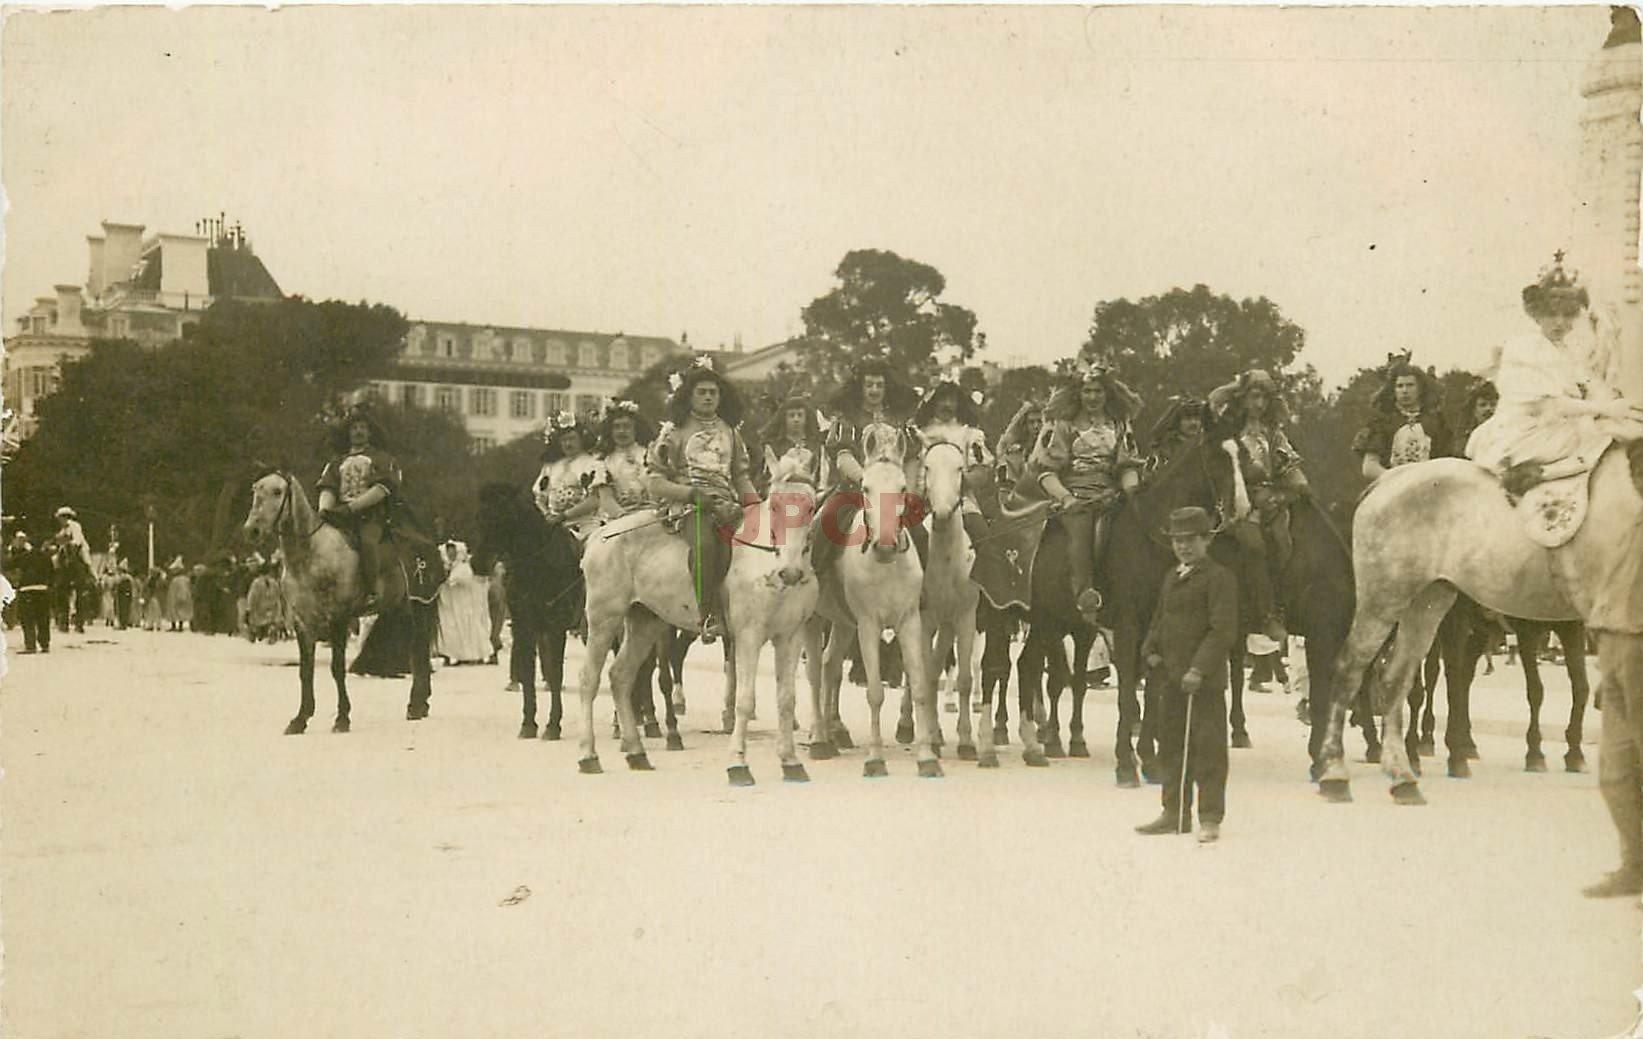 WW 52 CHAUMONT. Le Carvaval avec Cavaliers et Reine Travestis. Photo carte postale ancienne